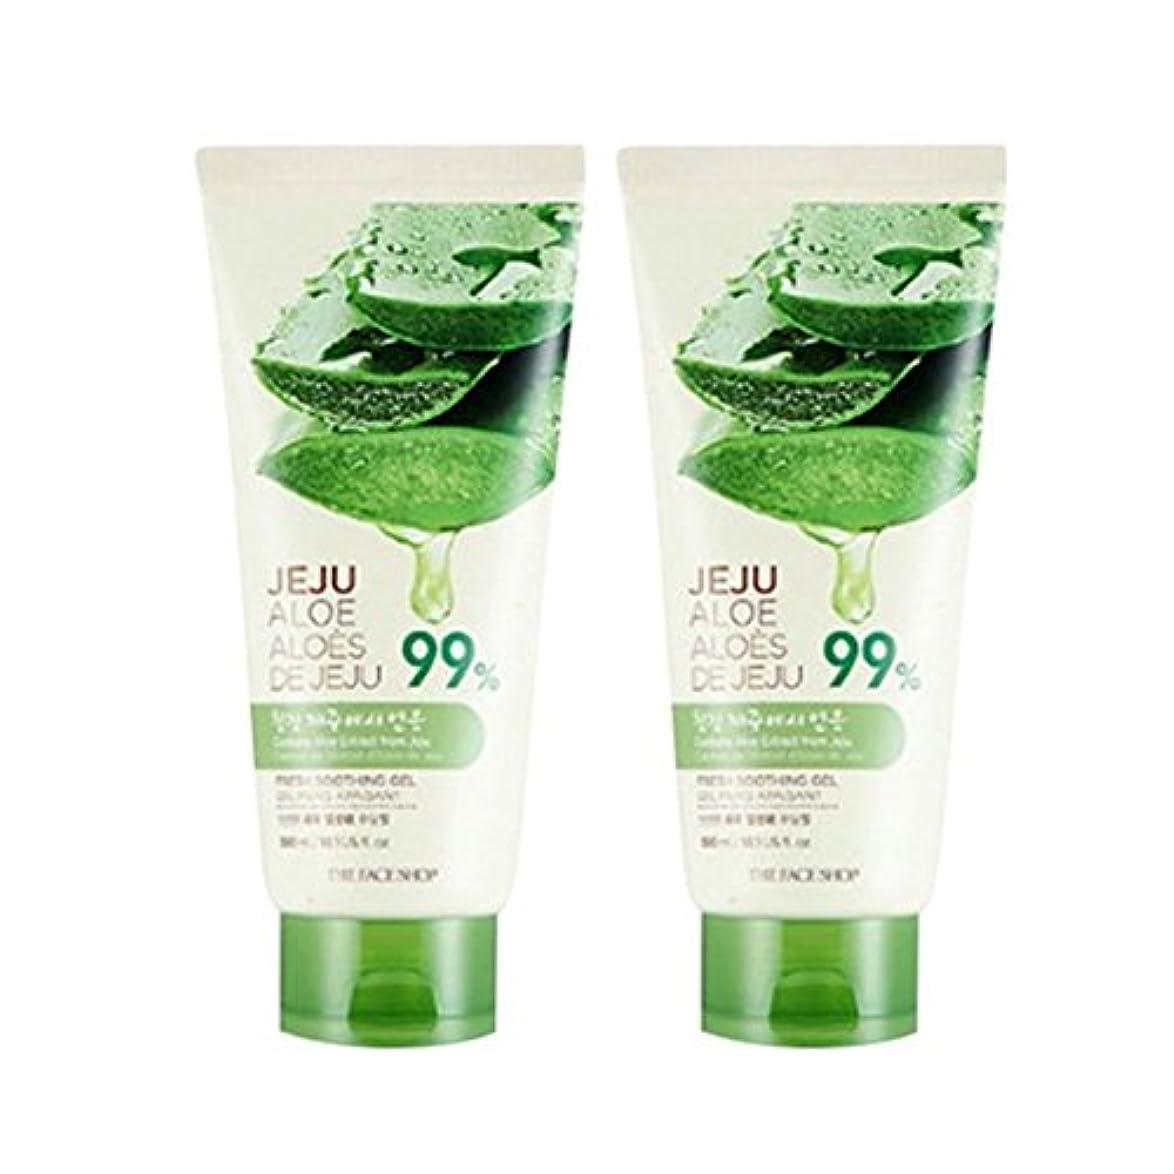 才能のある懸念些細なザ?フェイスショップ済州アロエ新鮮なスーディングジェル300ml x 2本セット韓国コスメ、The Face Shop Jeju Aloe Fresh Soothing Gel 300ml x 2ea Set Korean...